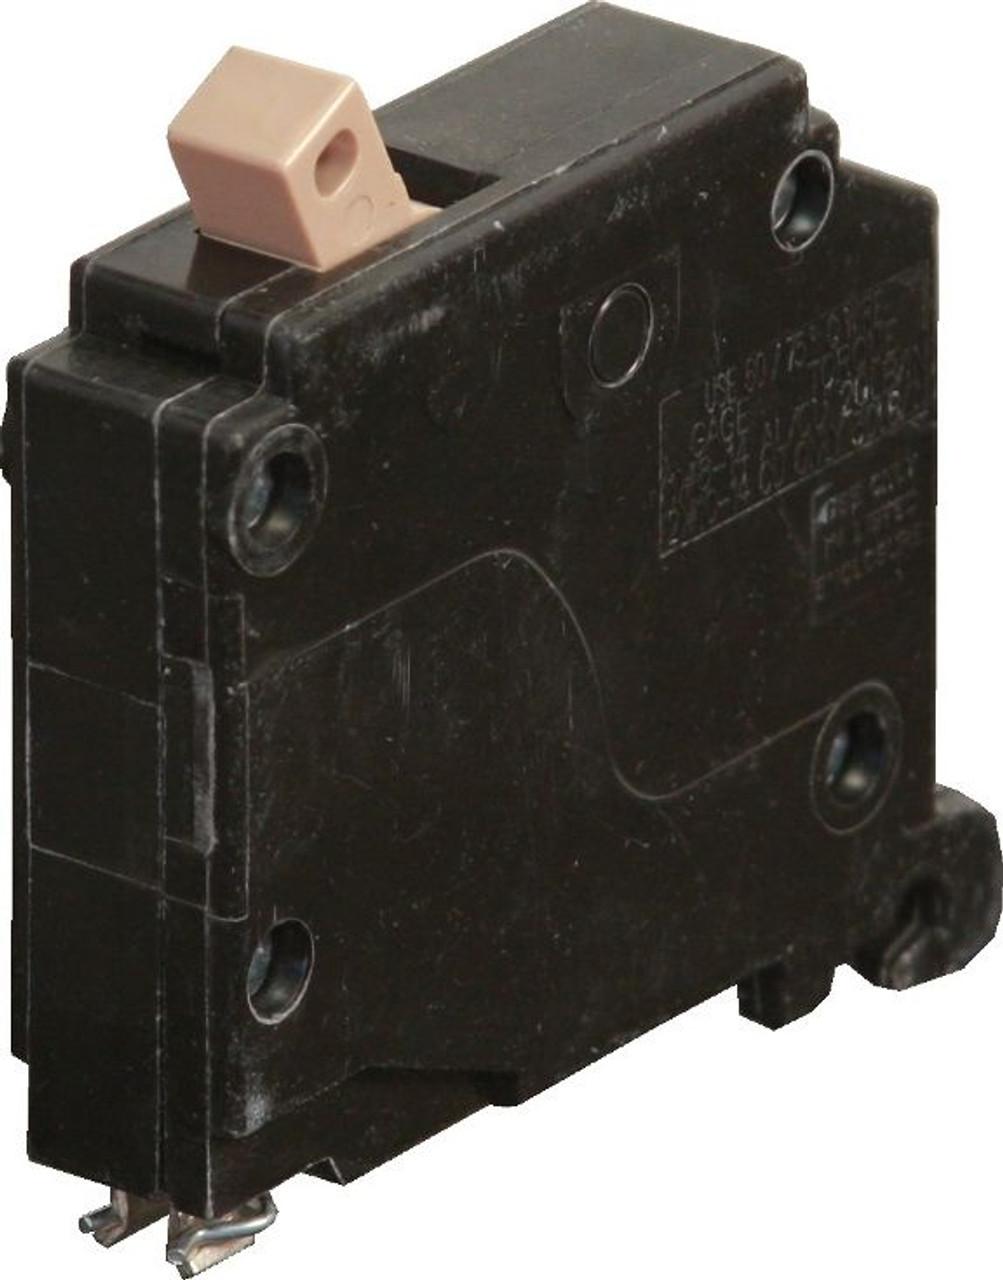 Electrical Breakers CHF115 CH Plug-in type Breaker from Breaker Outlet